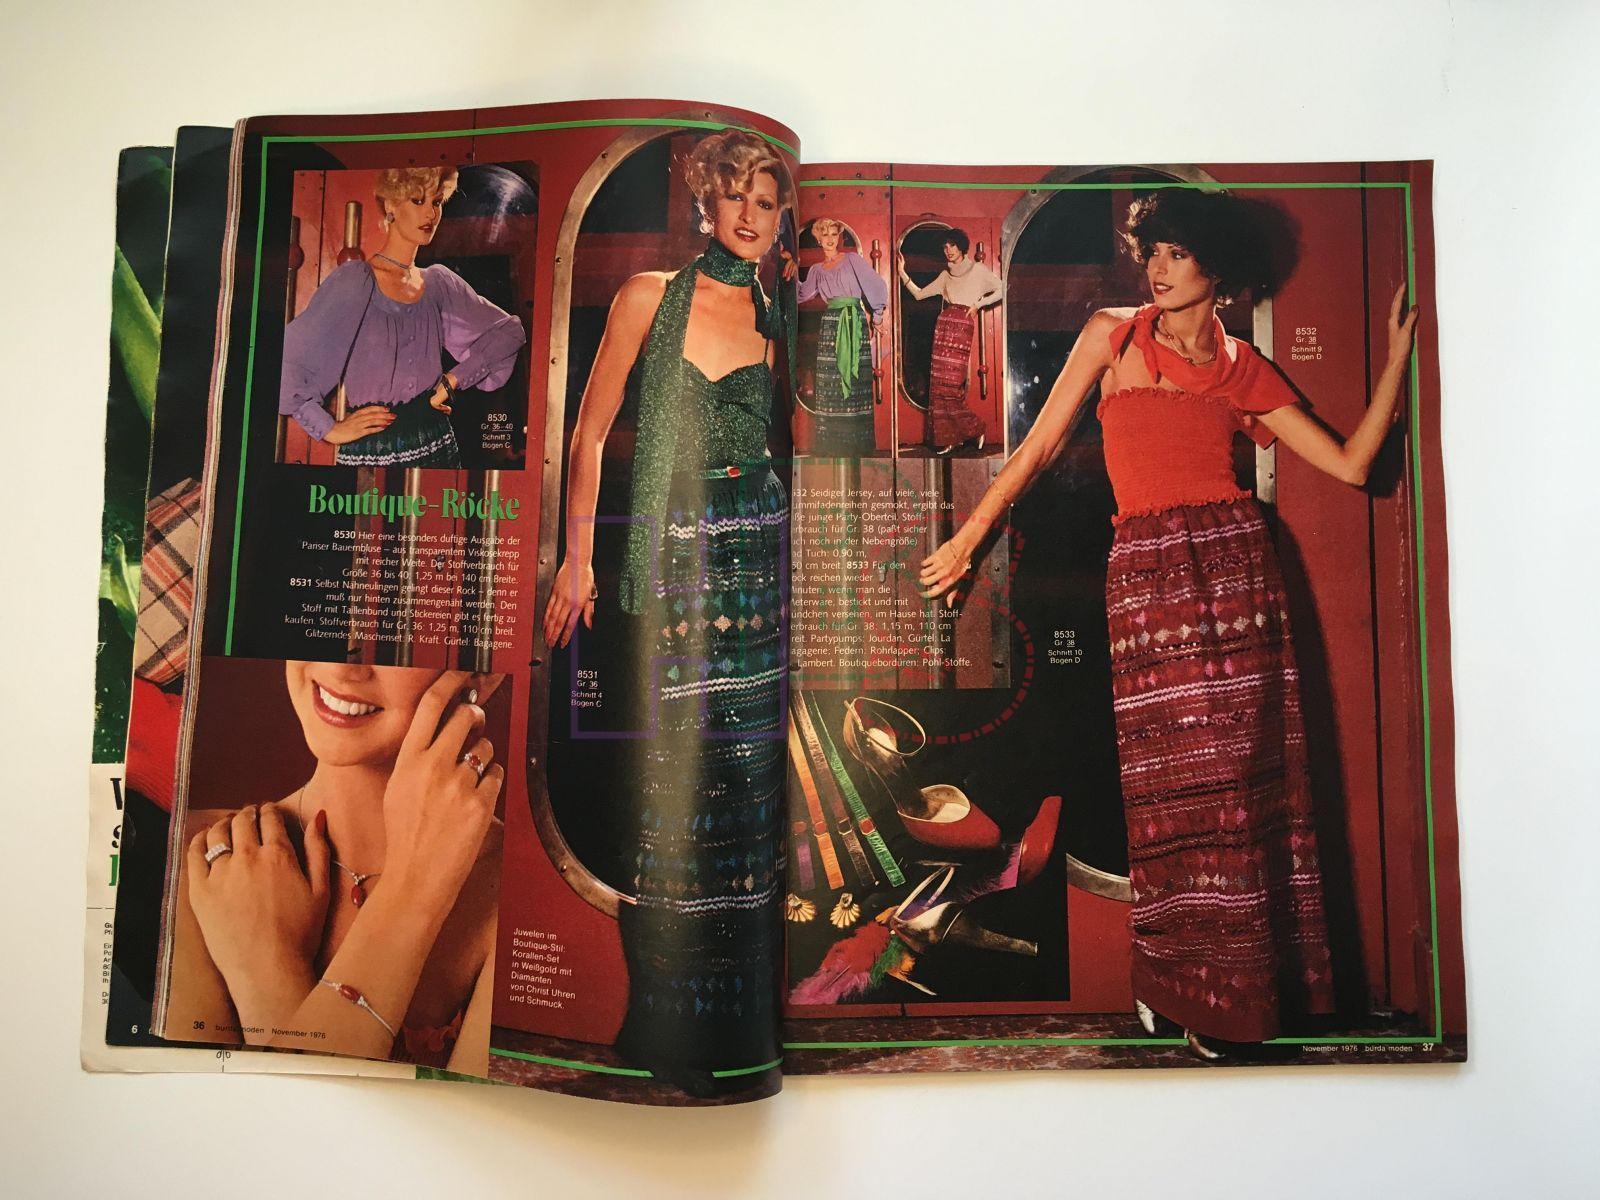 13 Ausgezeichnet Kostbares Abendkleid VertriebAbend Ausgezeichnet Kostbares Abendkleid Ärmel